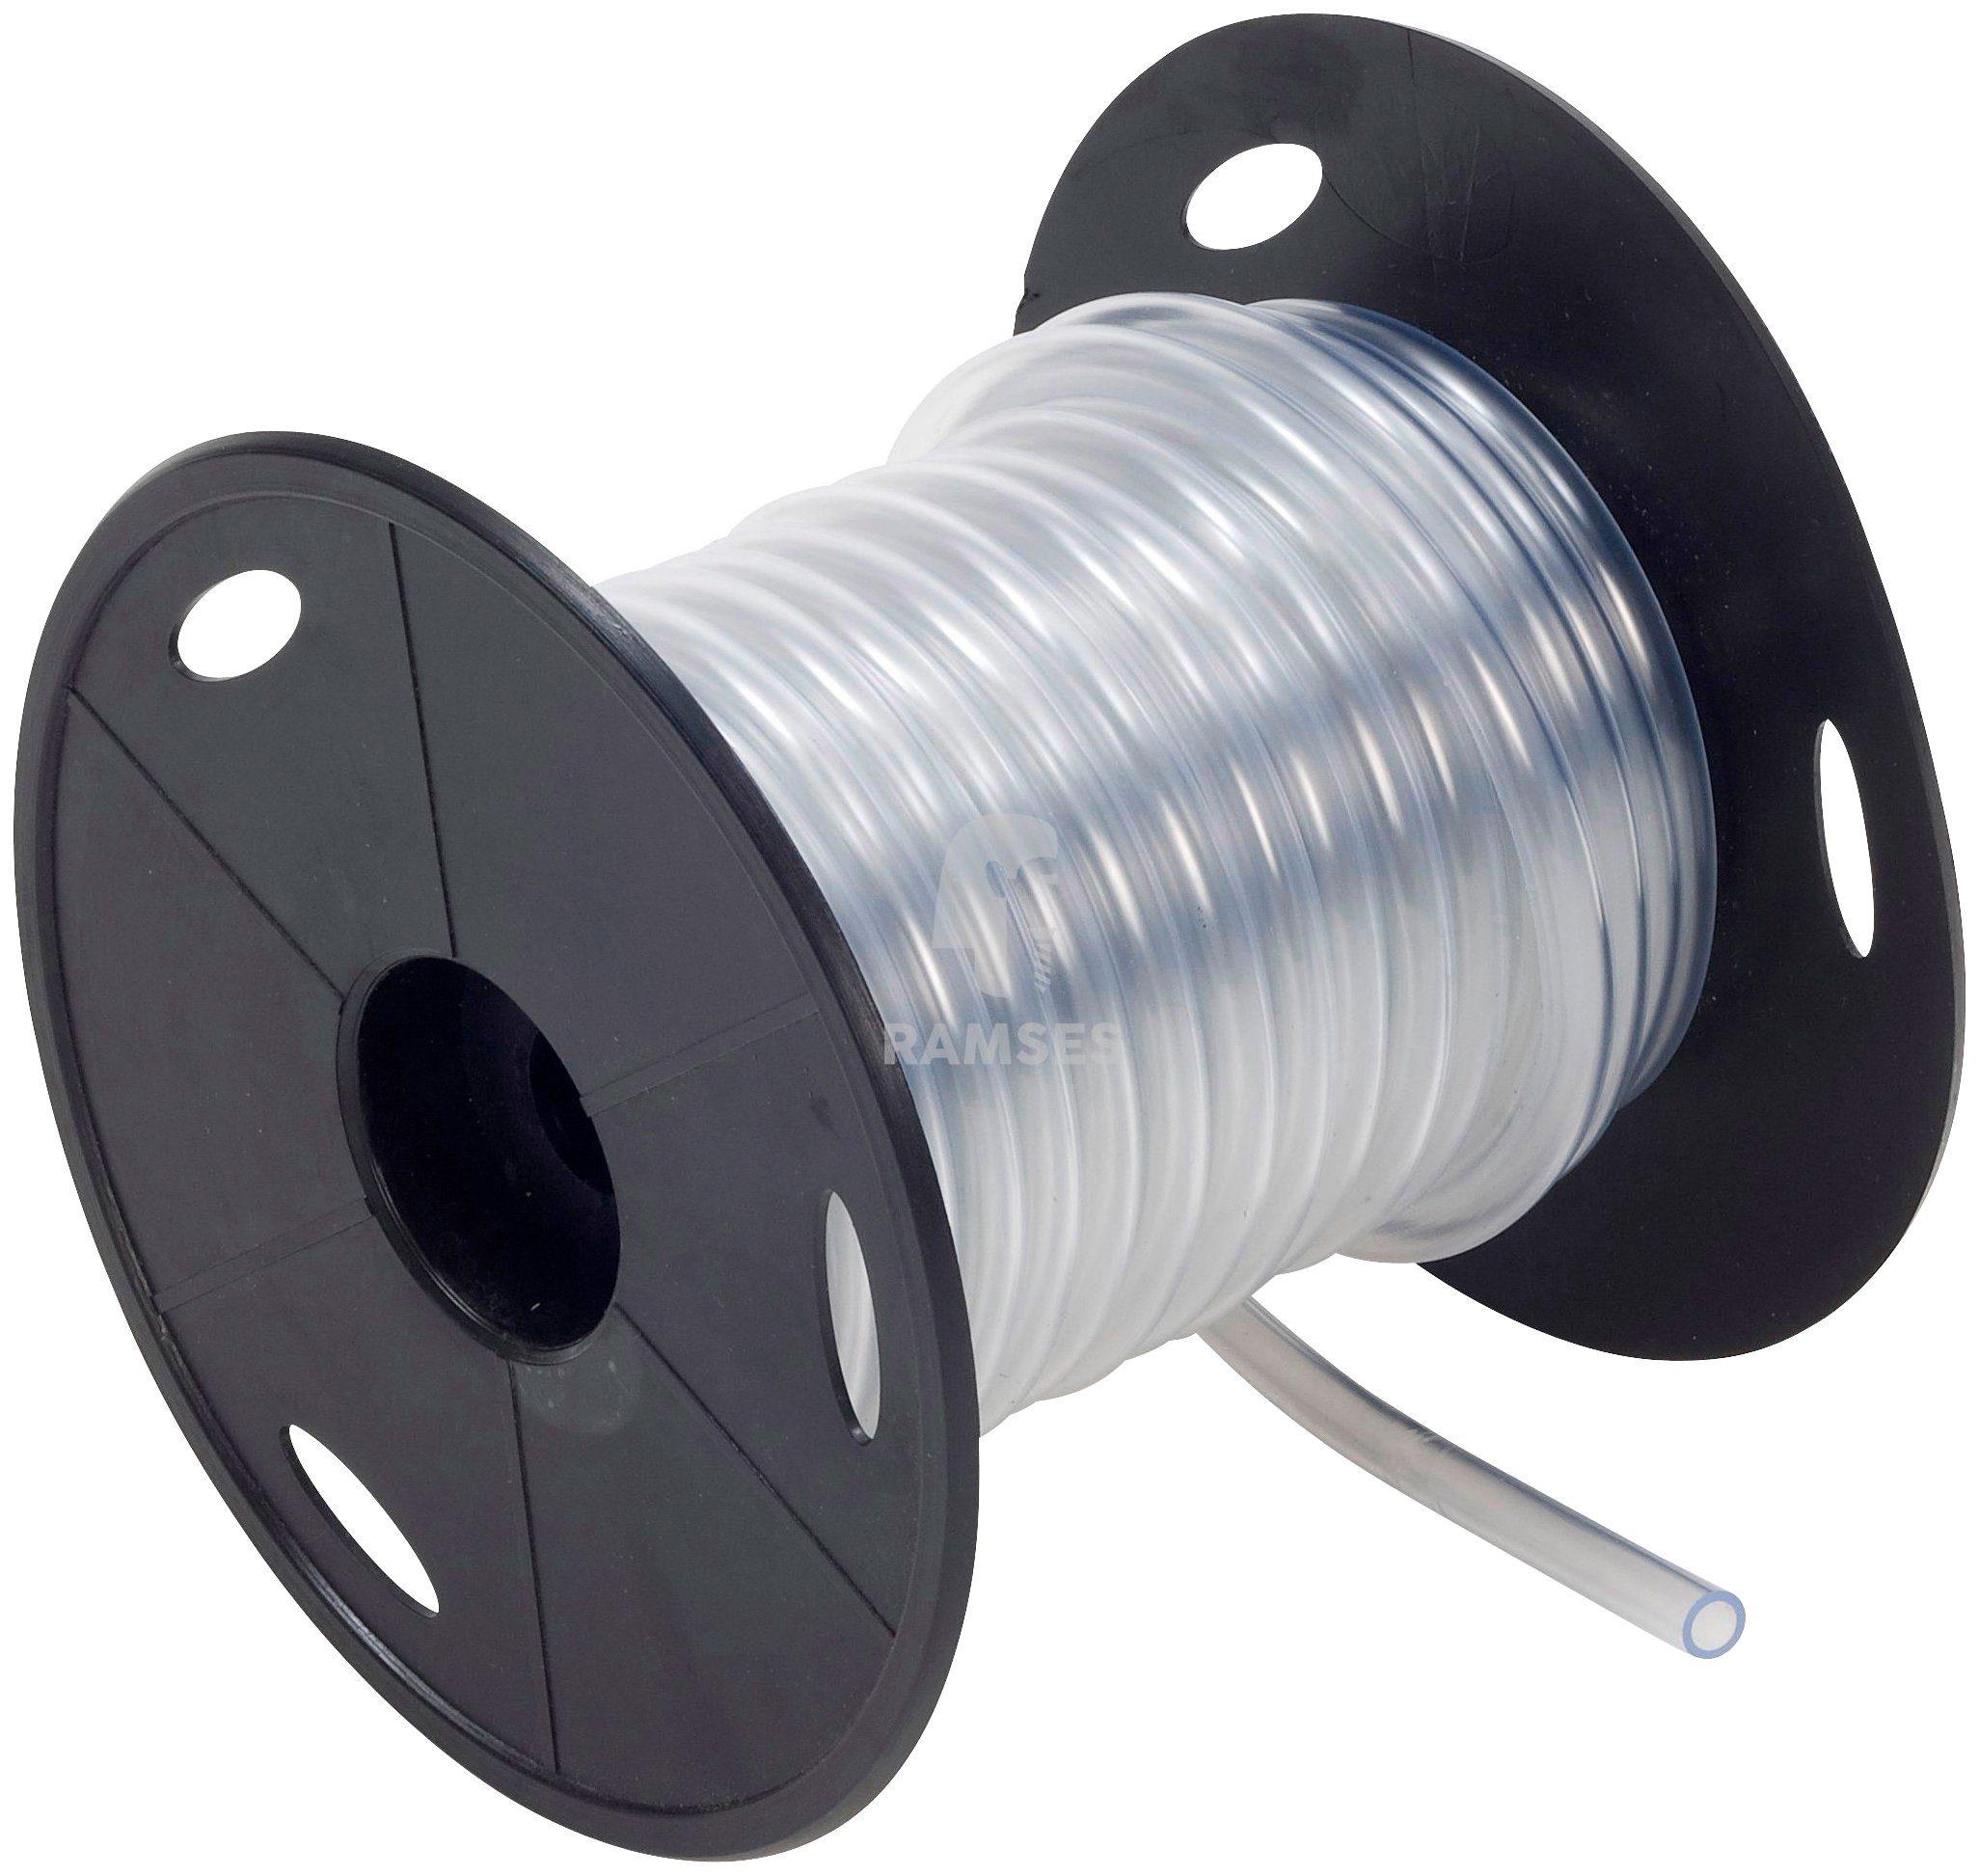 RAMSES Schlauch , PVC-Schlauch Glasklar 8 x 11 mm 25 Meter Bund